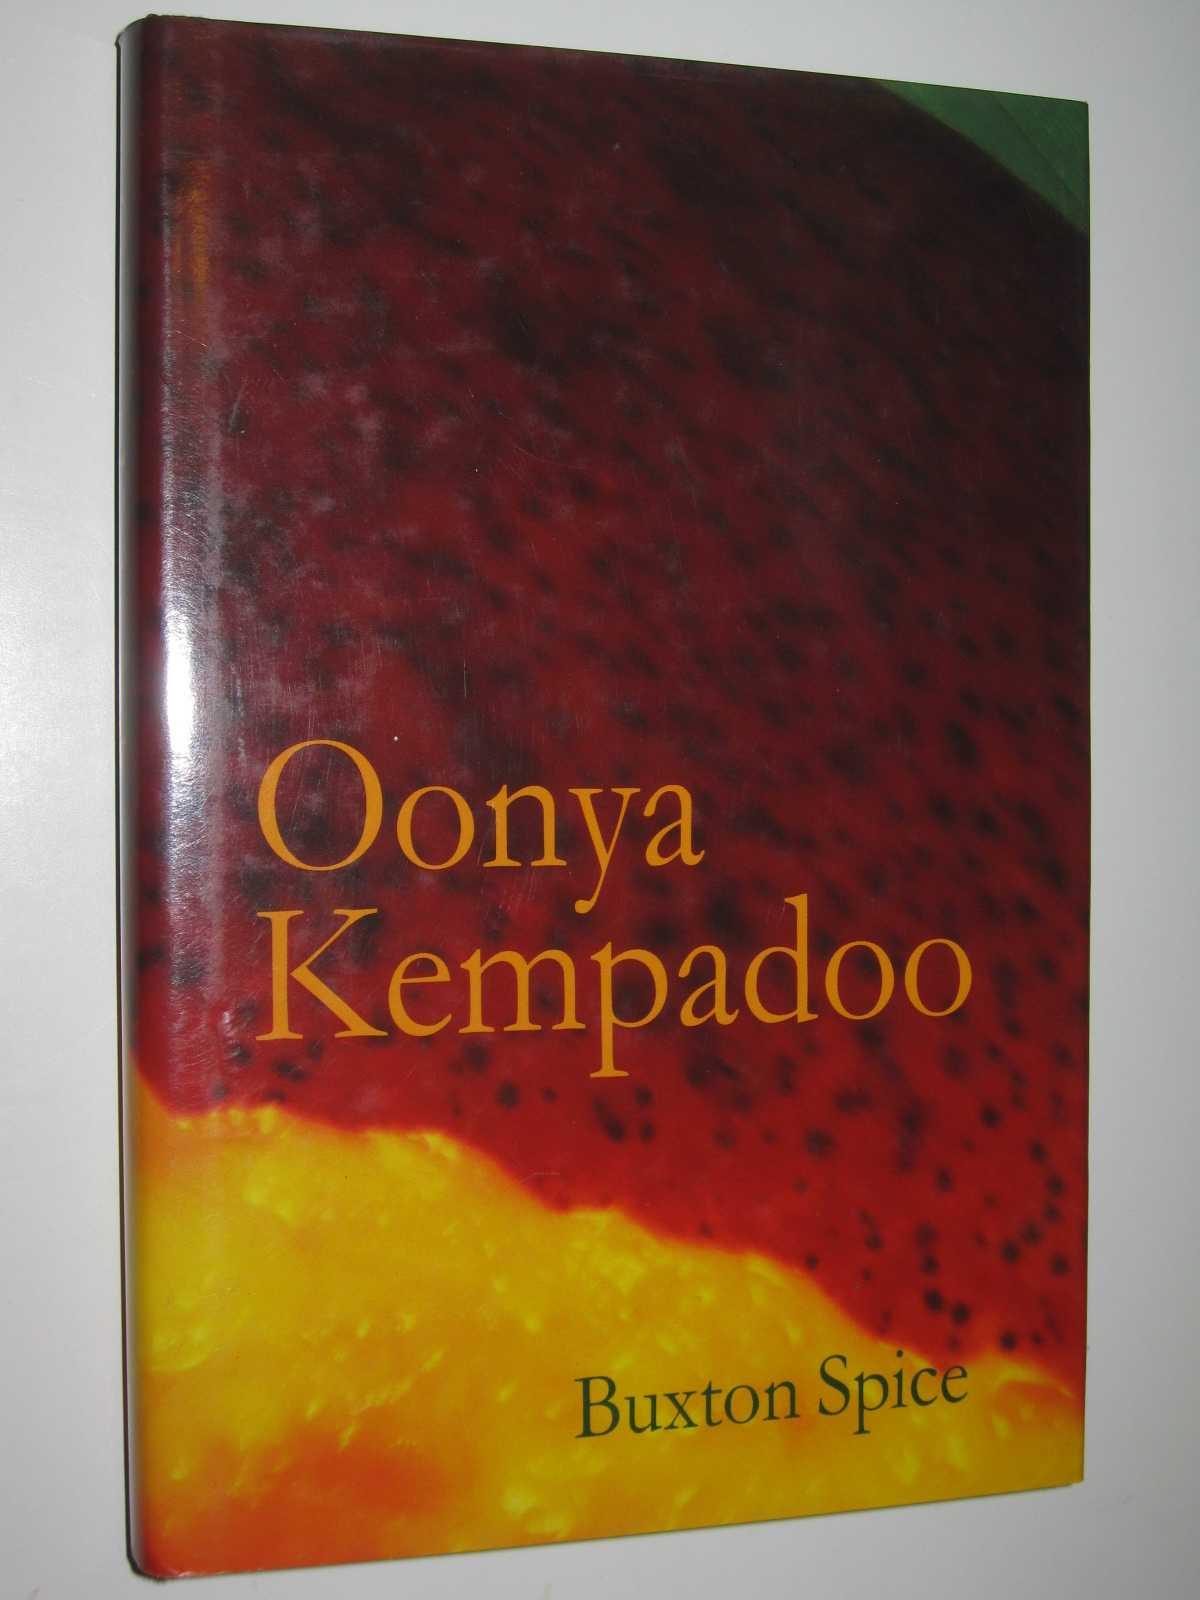 Buxton Spice, Kempadoo, Oonya